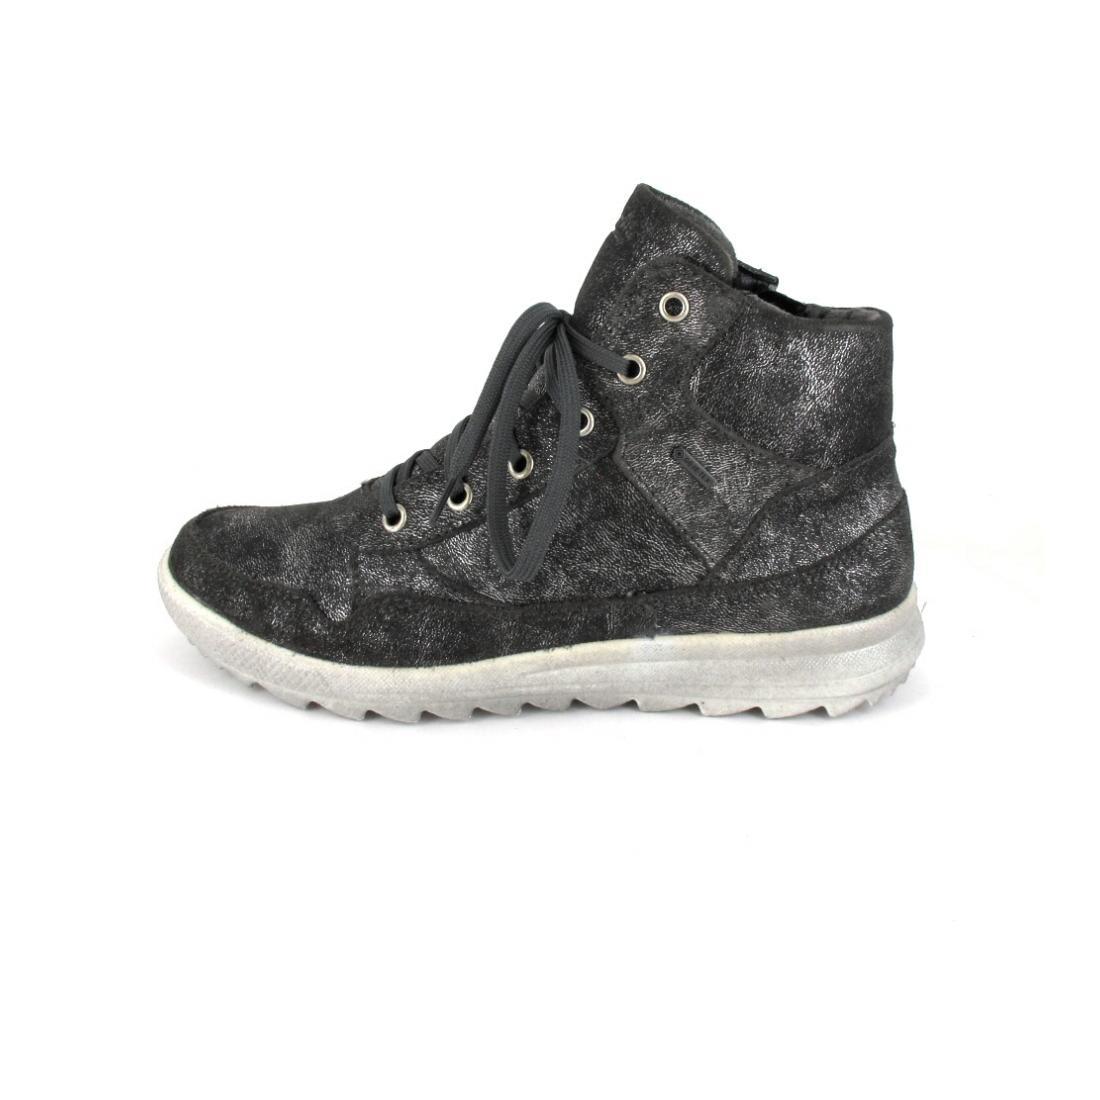 Legero Sneaker high | Schuh Welt Wo Markenschuhe günstig sind